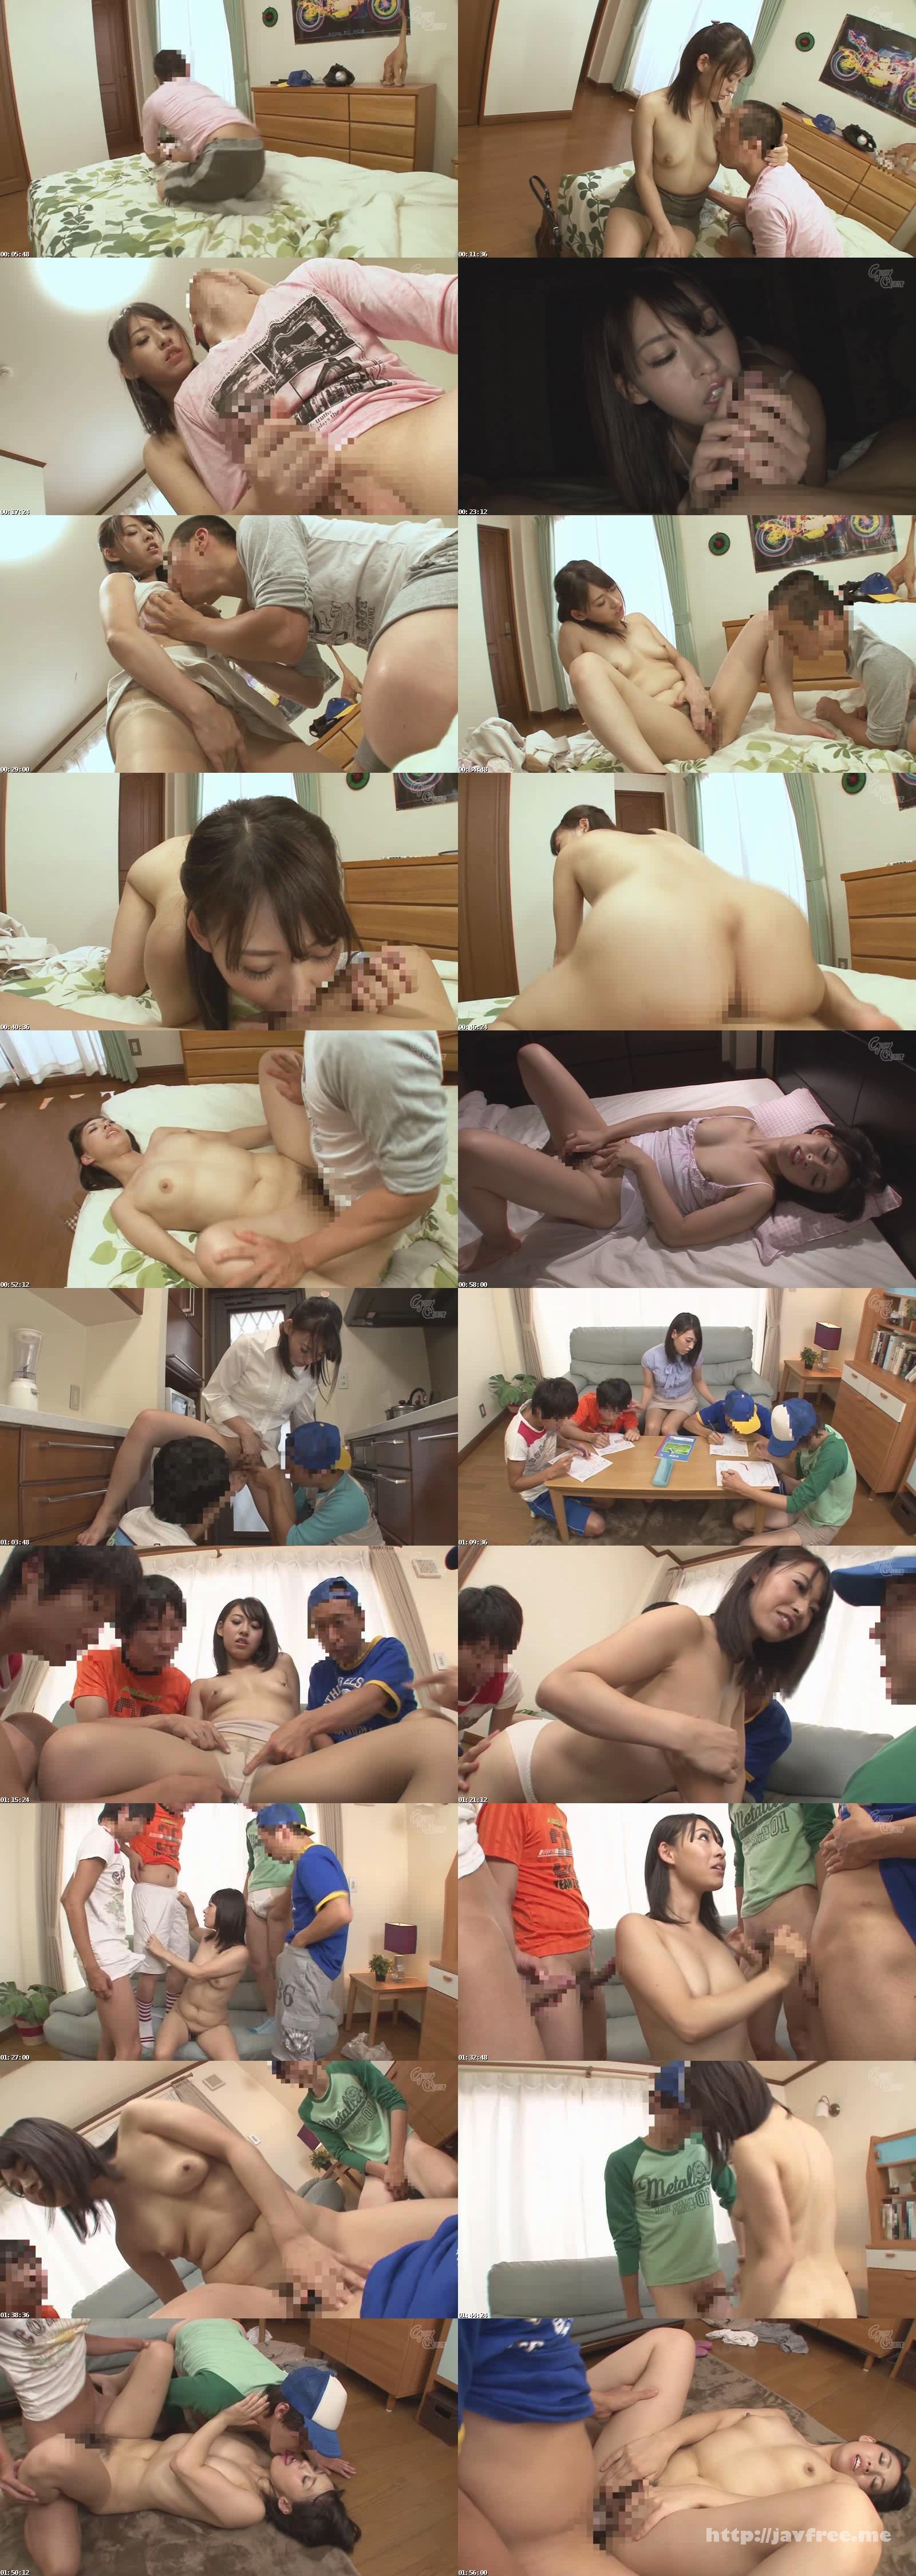 [GVG 071] 子○チンポで孕ませ中出し課外授業 妊娠教育 水原さな 水原さな GVG